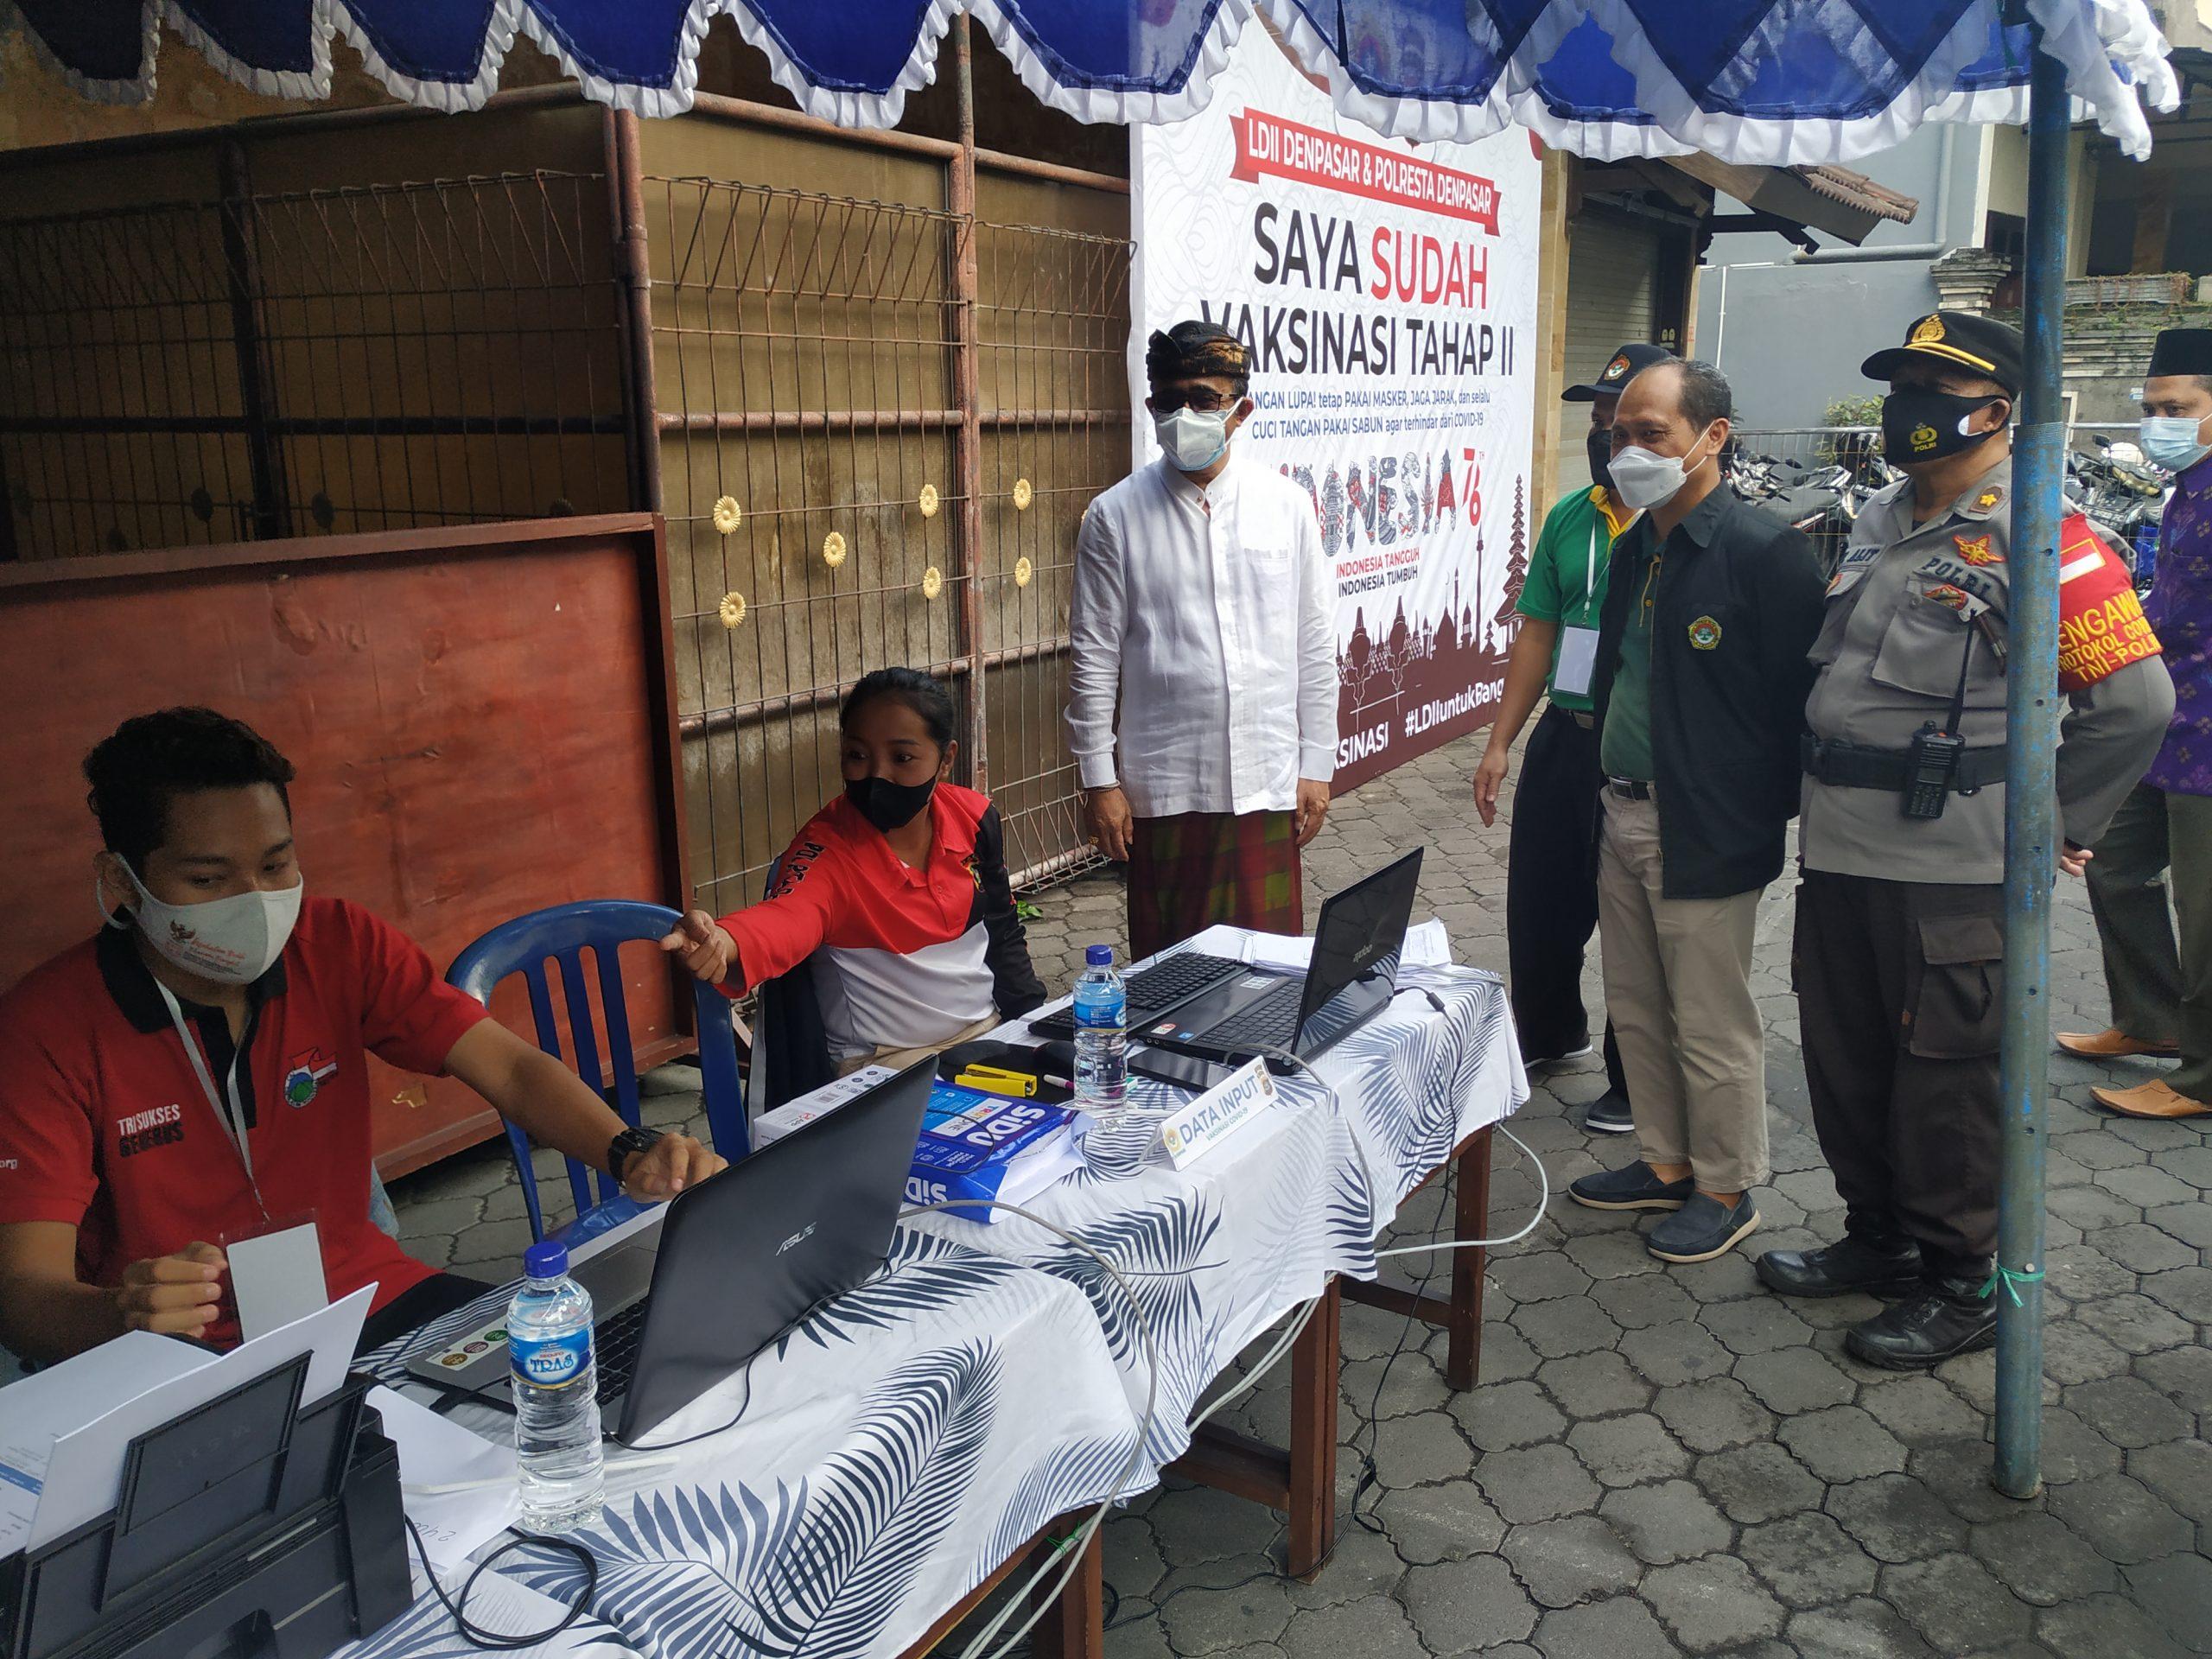 WALI Kota Denpasar, I Gusti Ngurah Jaya Negara, saat meninjau pelaksanaan vaksinasi di Gedung LDII Bali, Kelurahan Padangsambian, Minggu (15/8/2021). Foto: ist